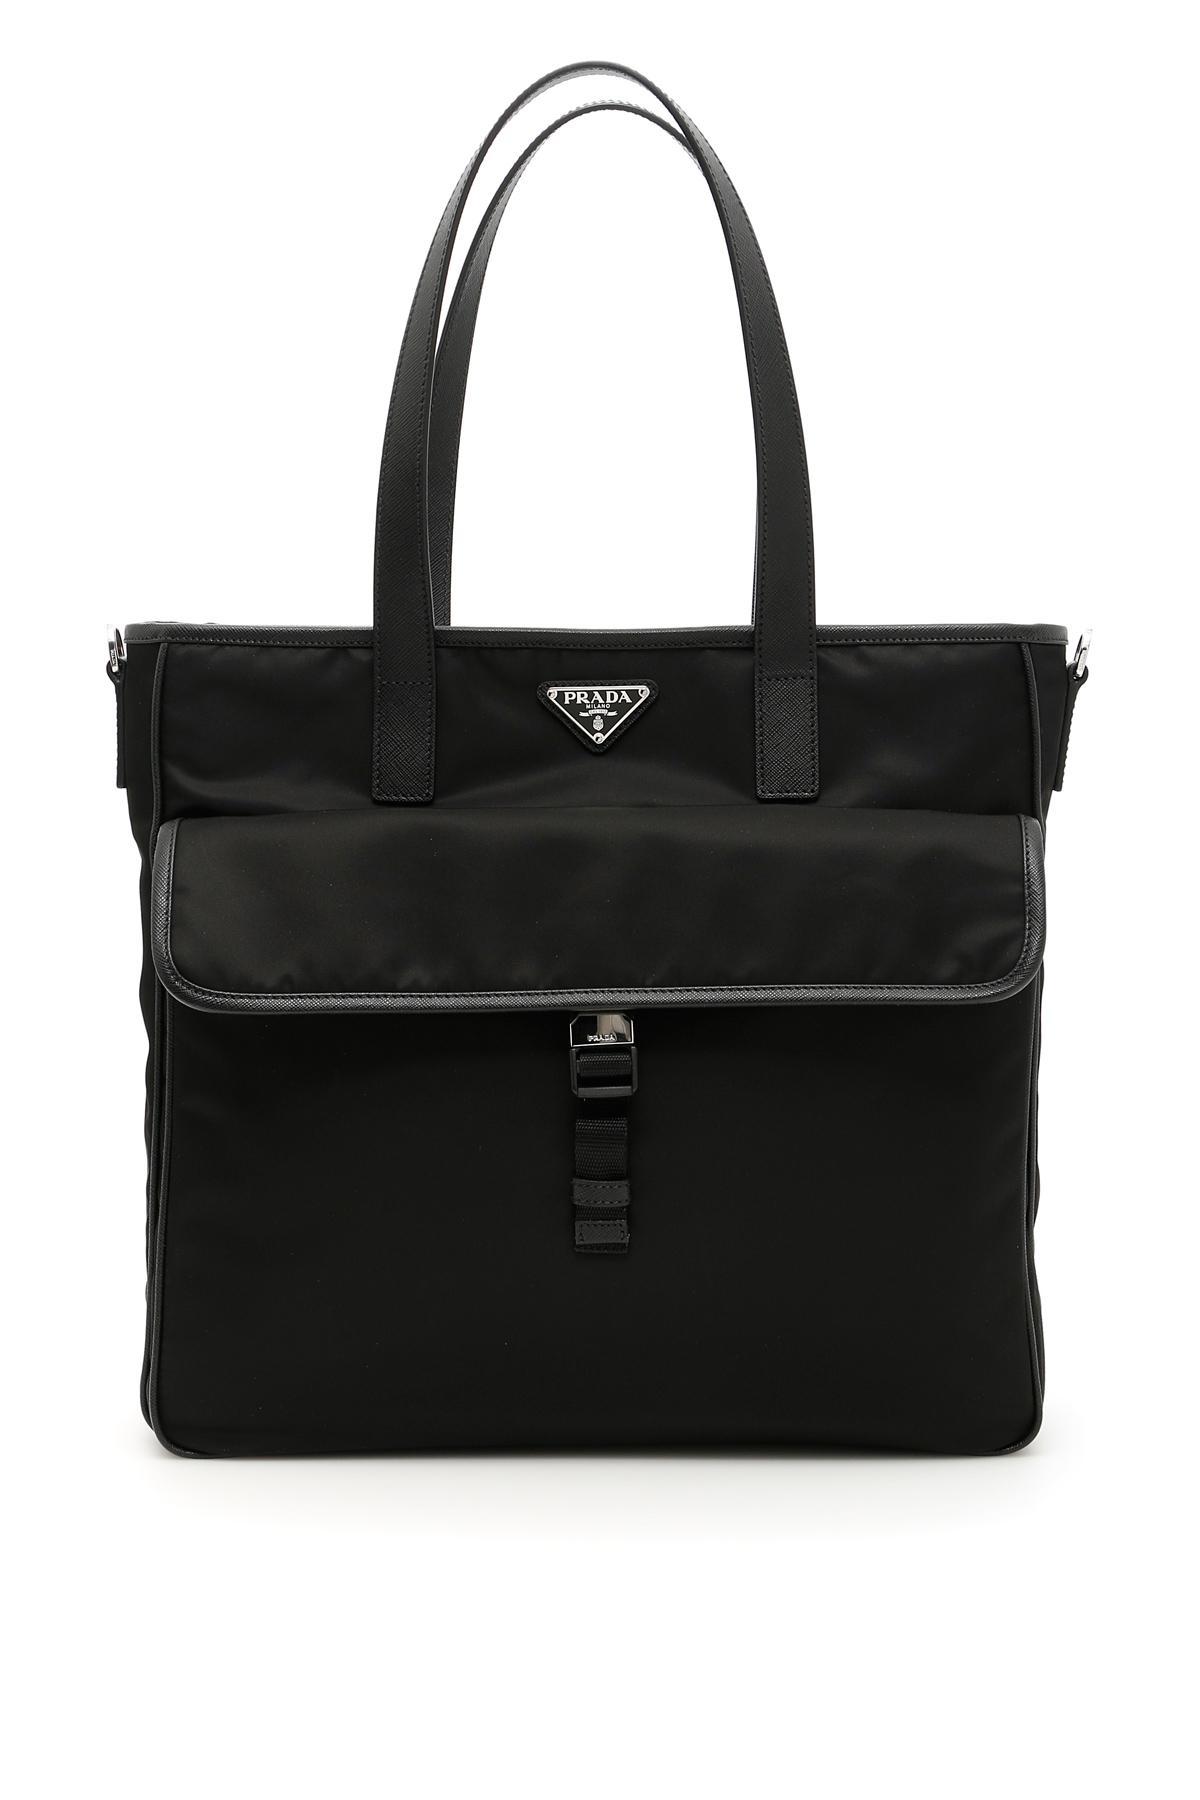 a947b2491bd2f9 Lyst - Prada Nylon And Saffiano Tote Bag in Black for Men